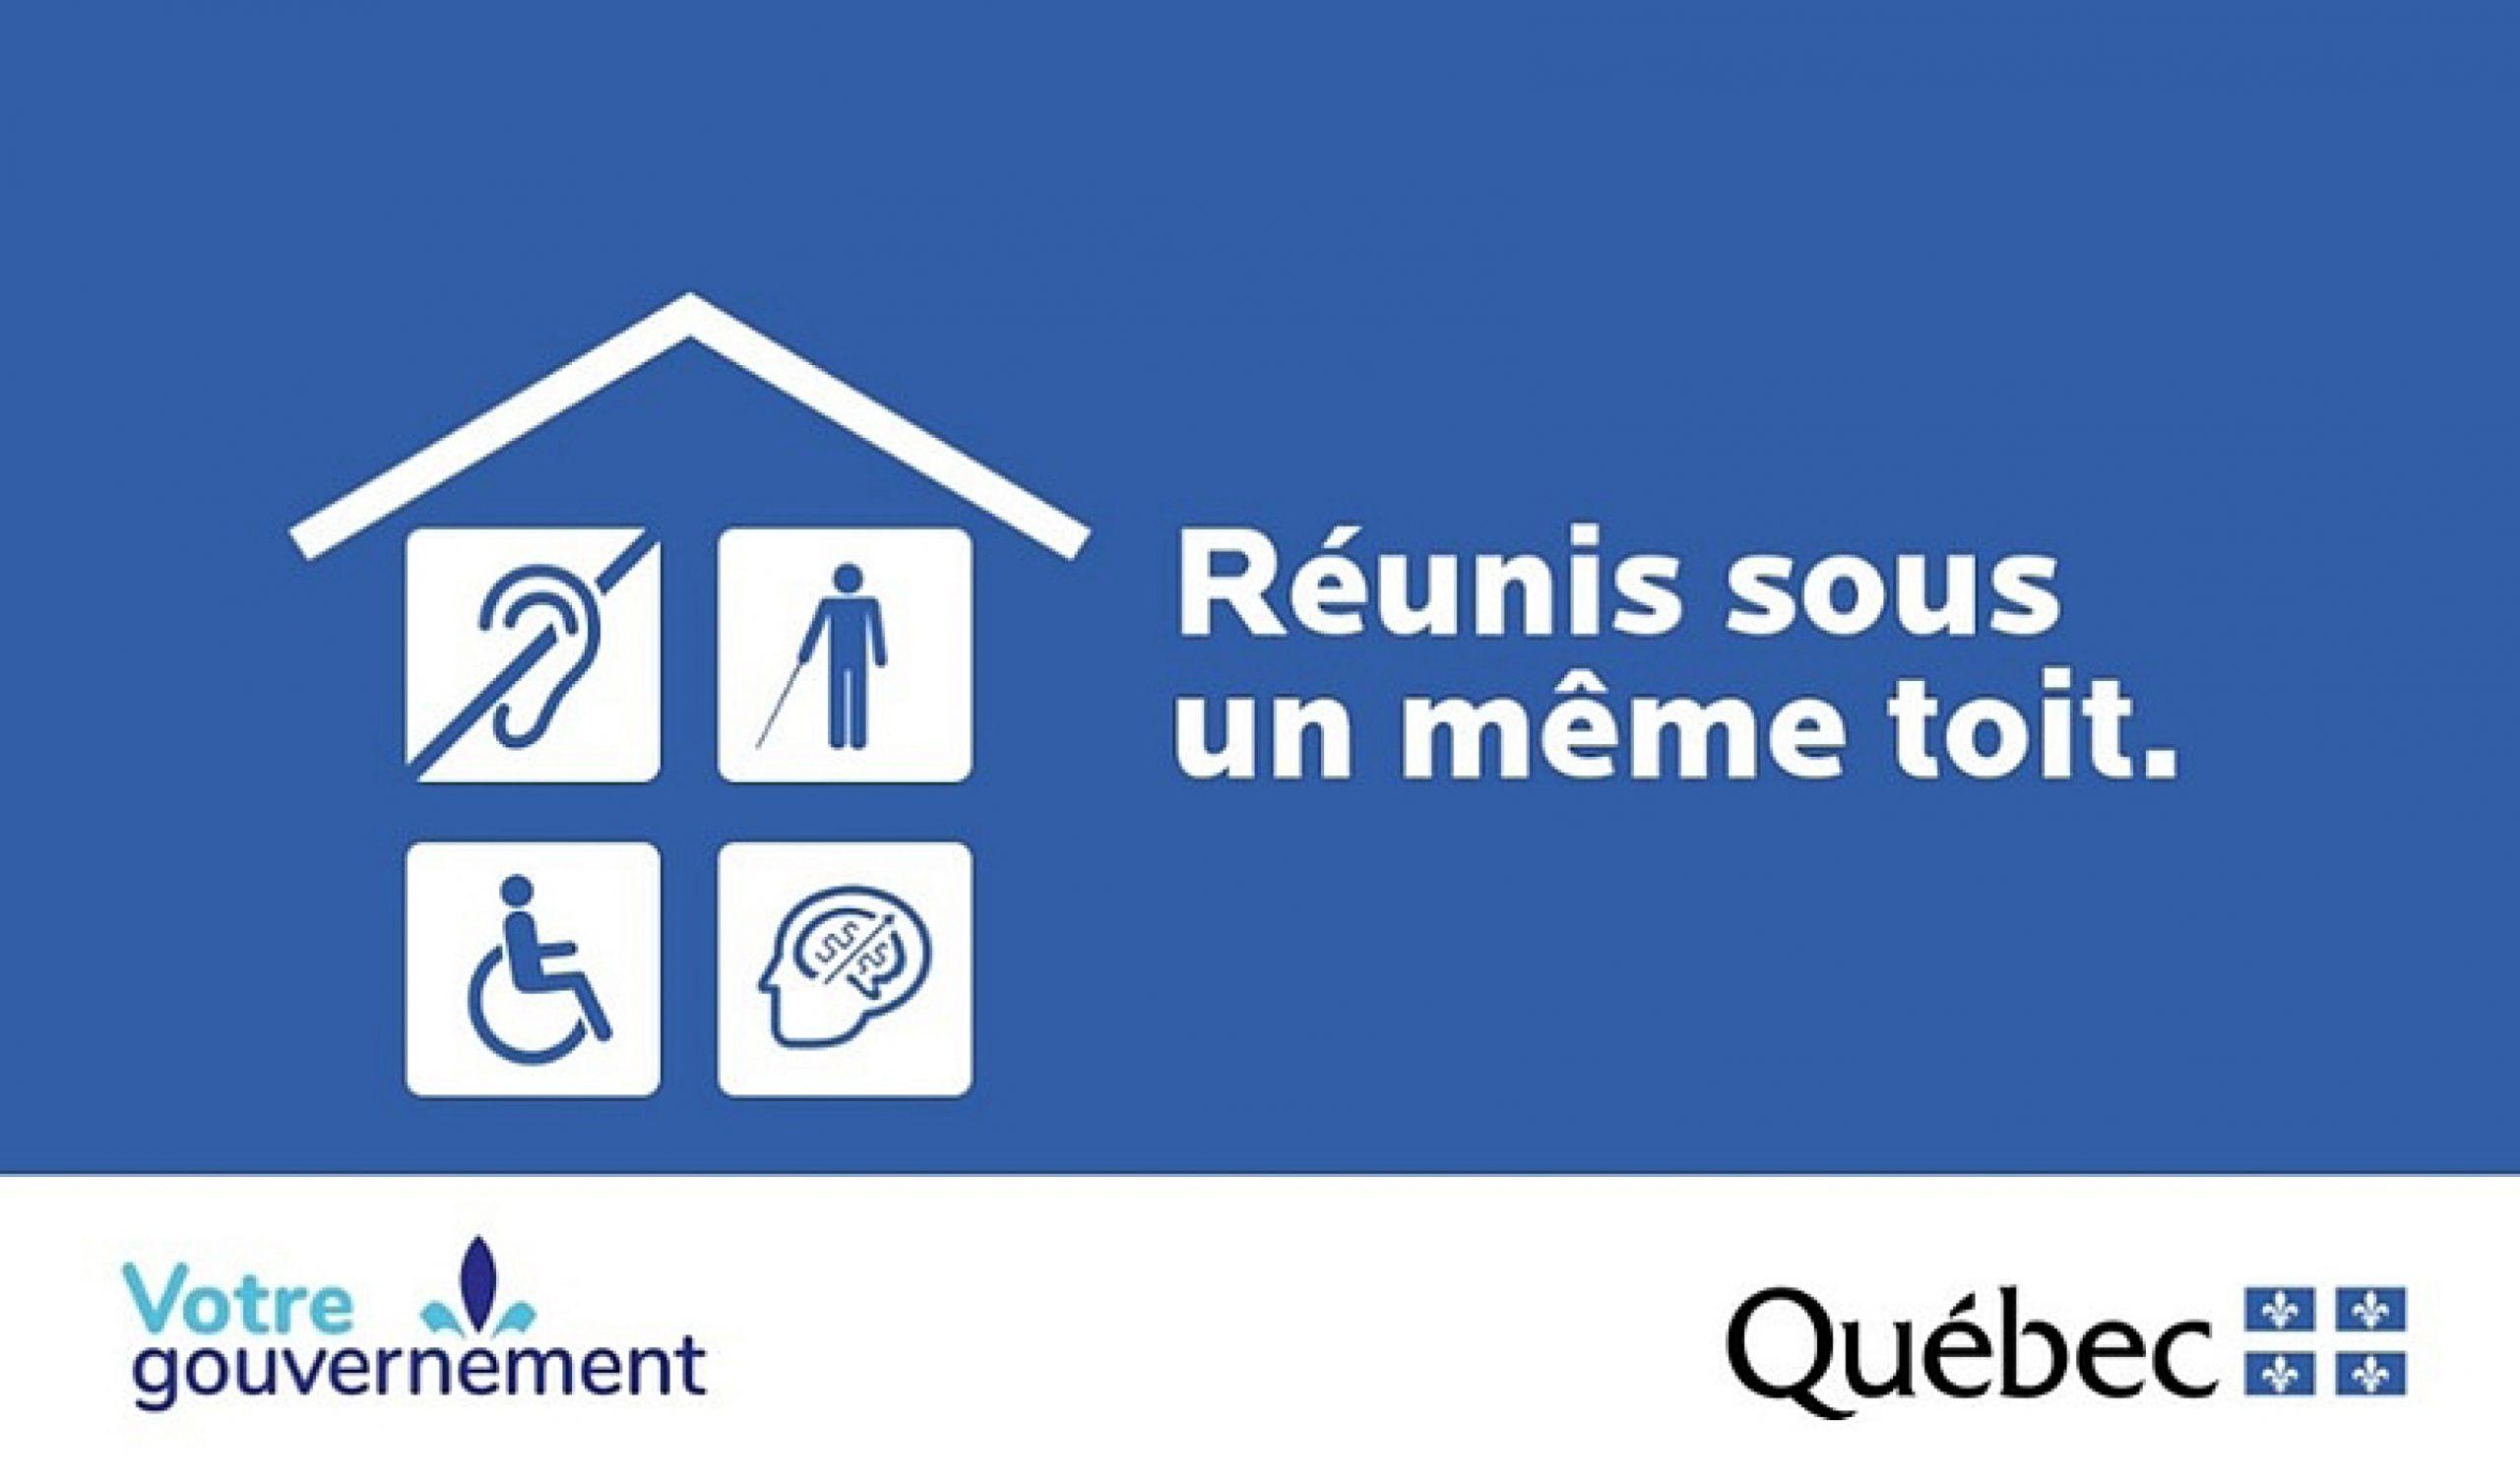 Les programmes et services destinés aux personnes handicapées maintenant réunis sur Québec.ca